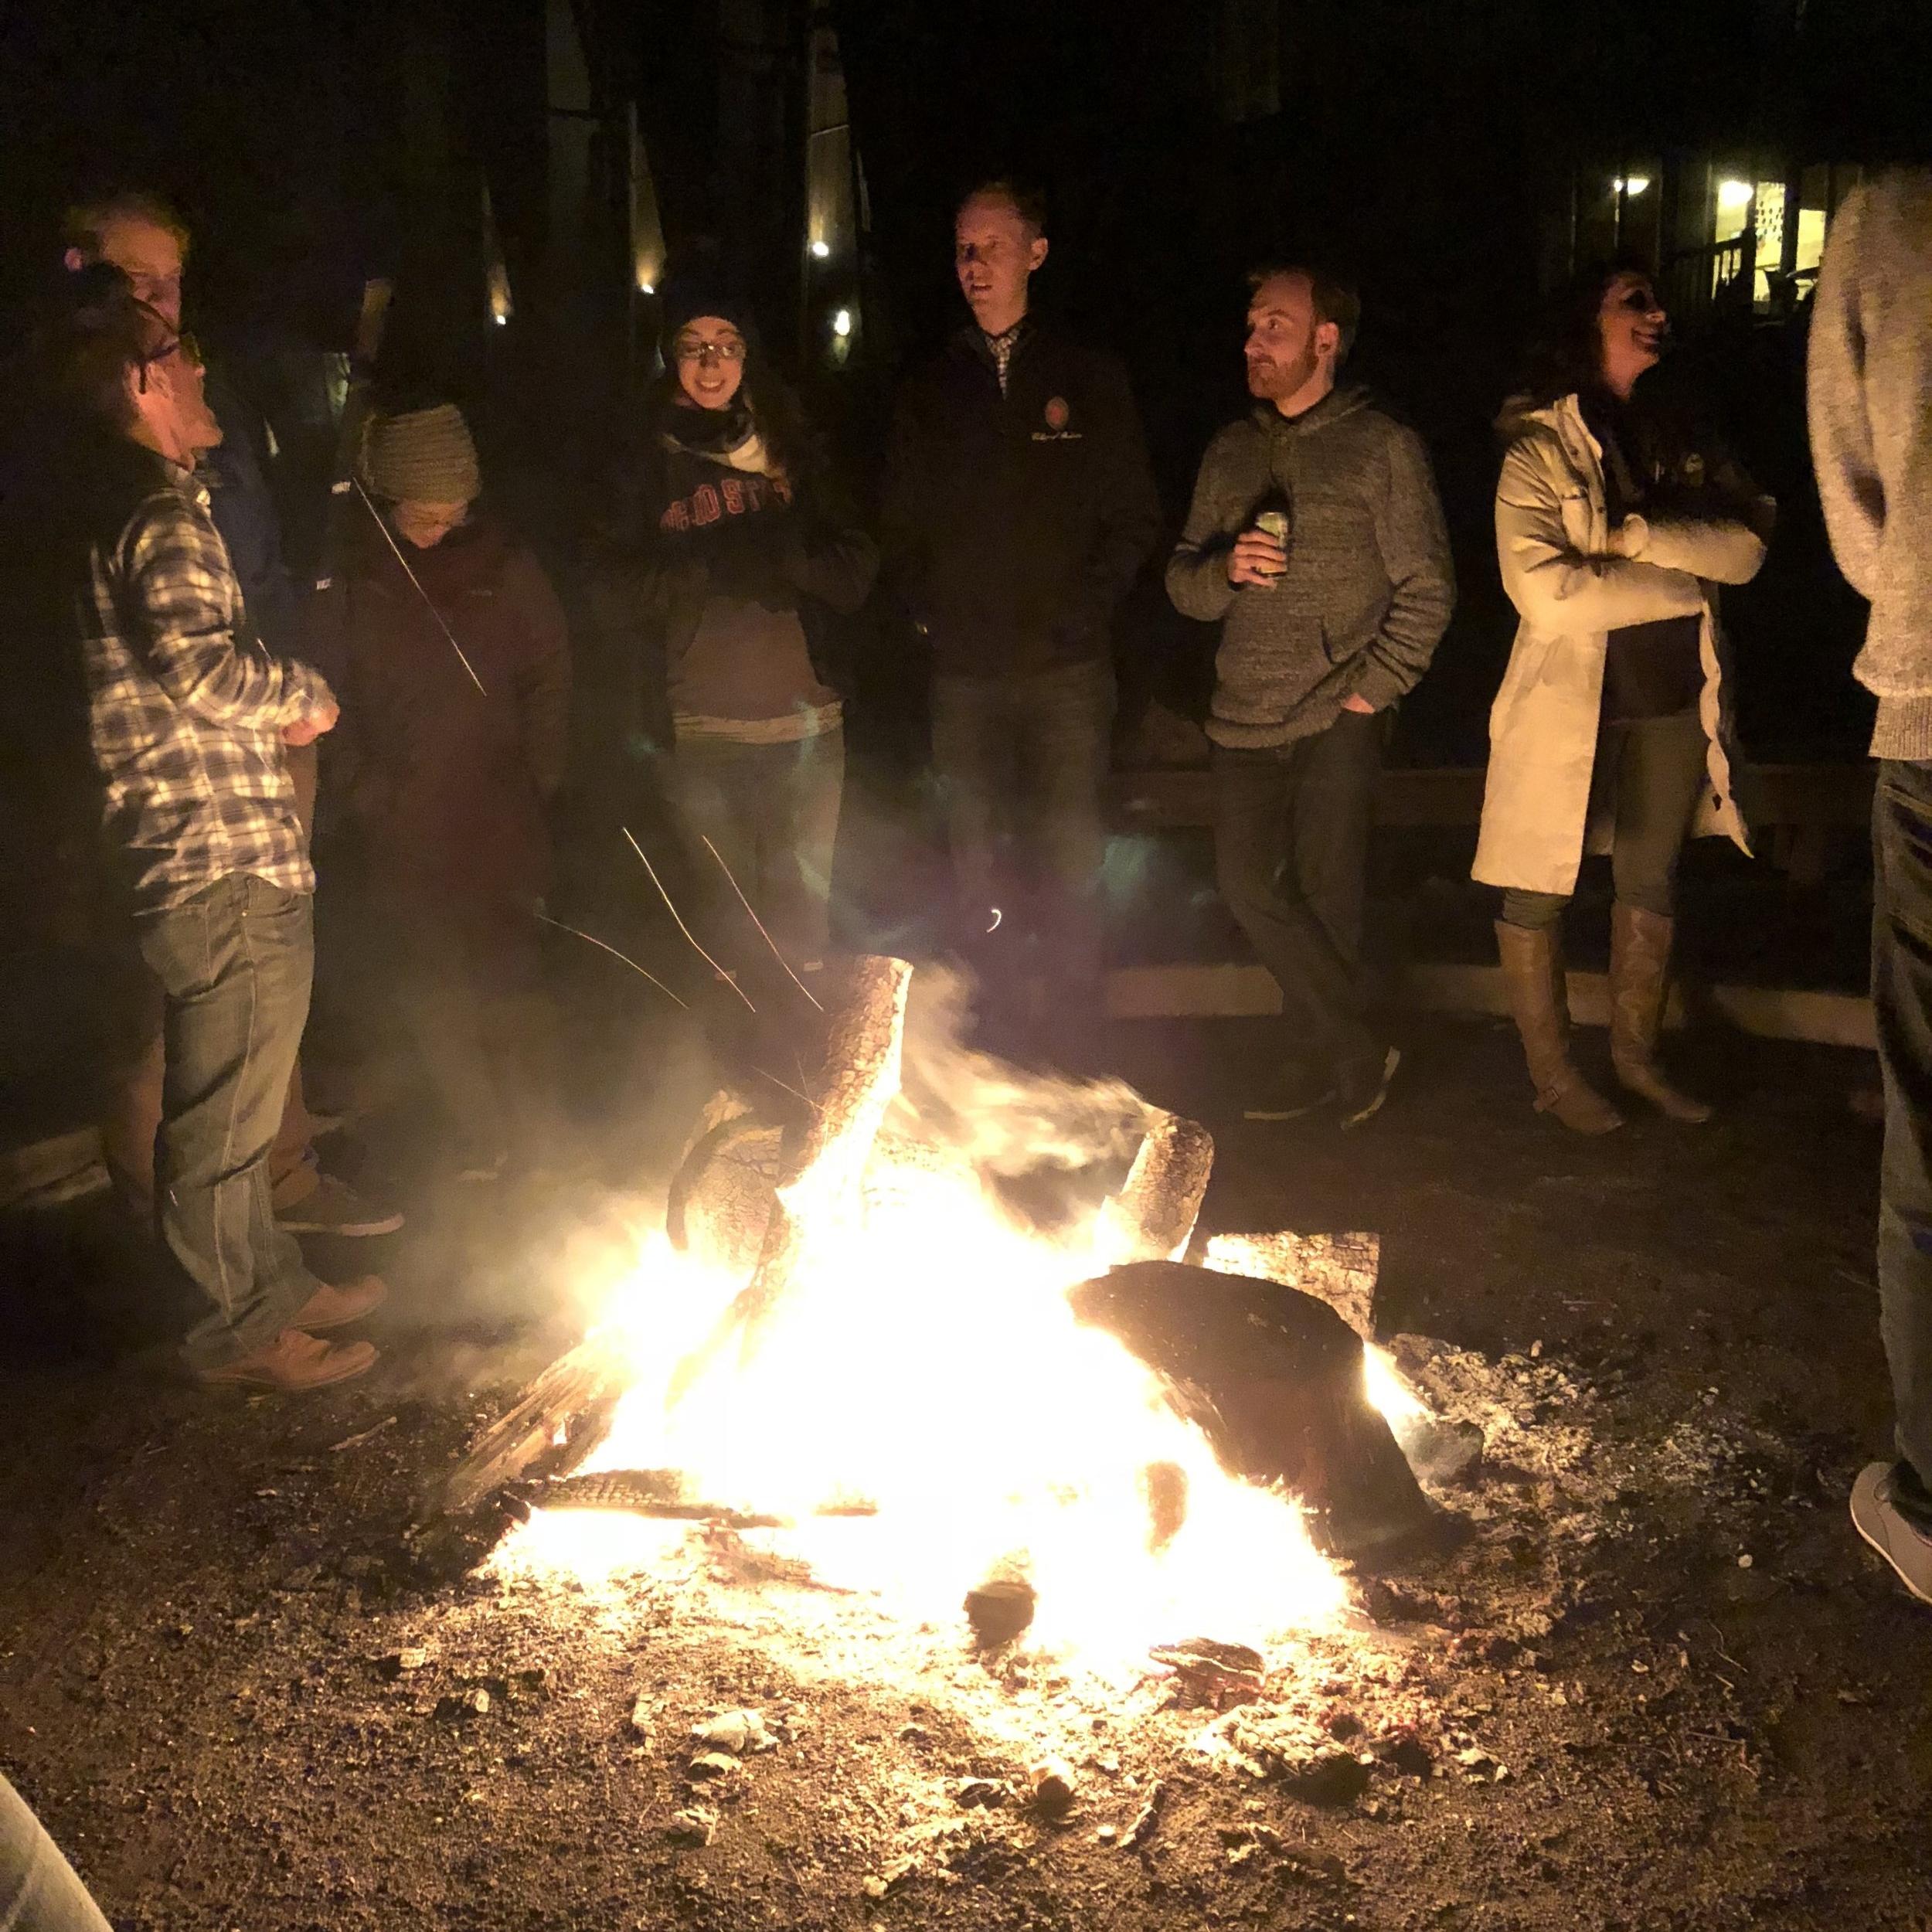 Bonfire wellness